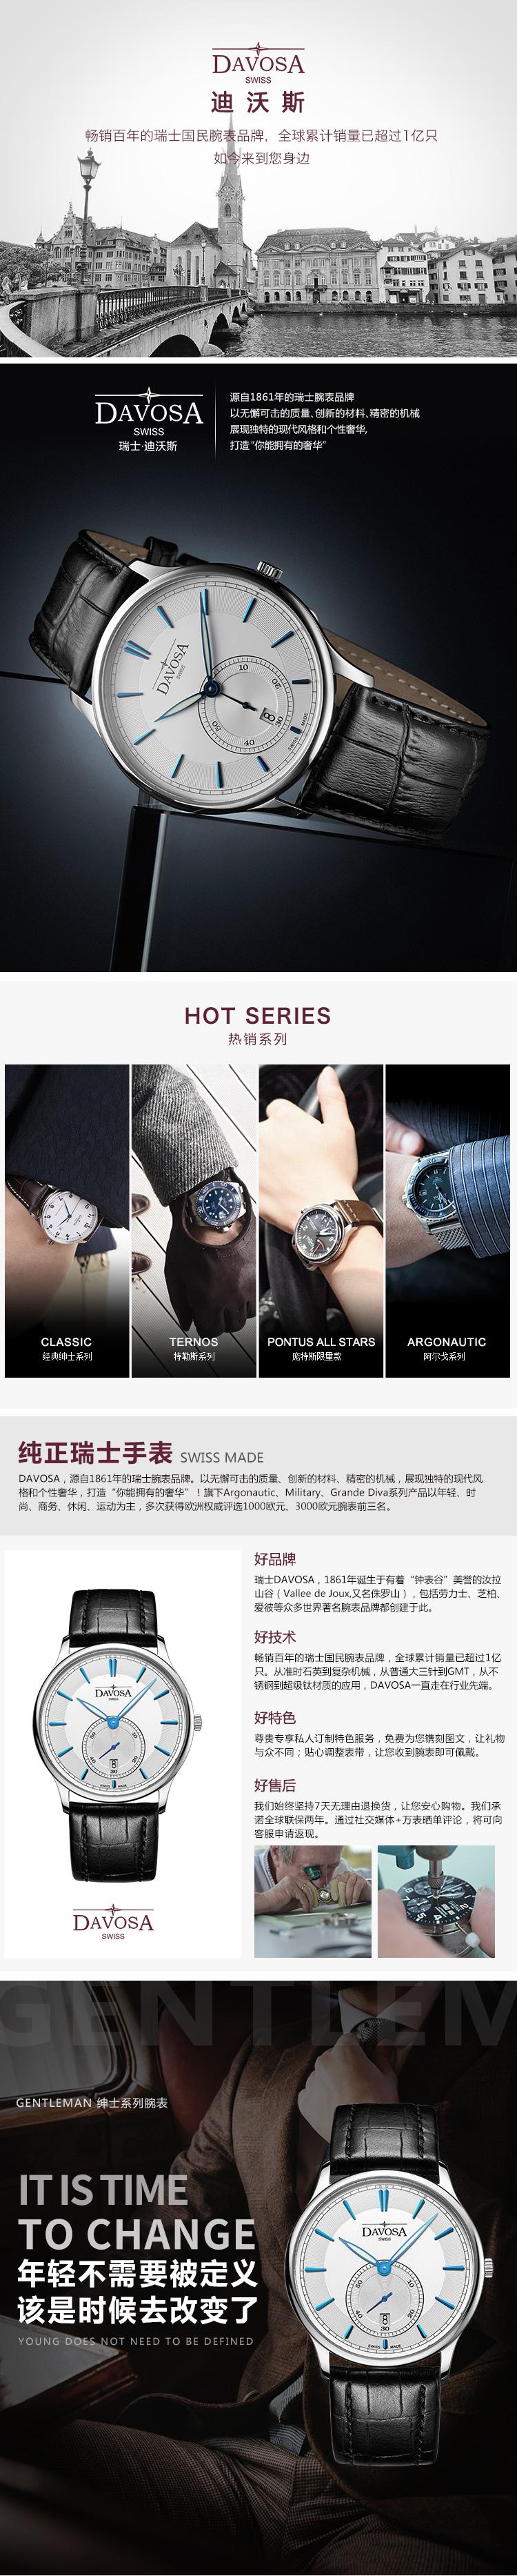 瑞士迪沃斯(DAVOSA)- Gentleman 绅士系列 Flatline智雅 16248315 石英男表